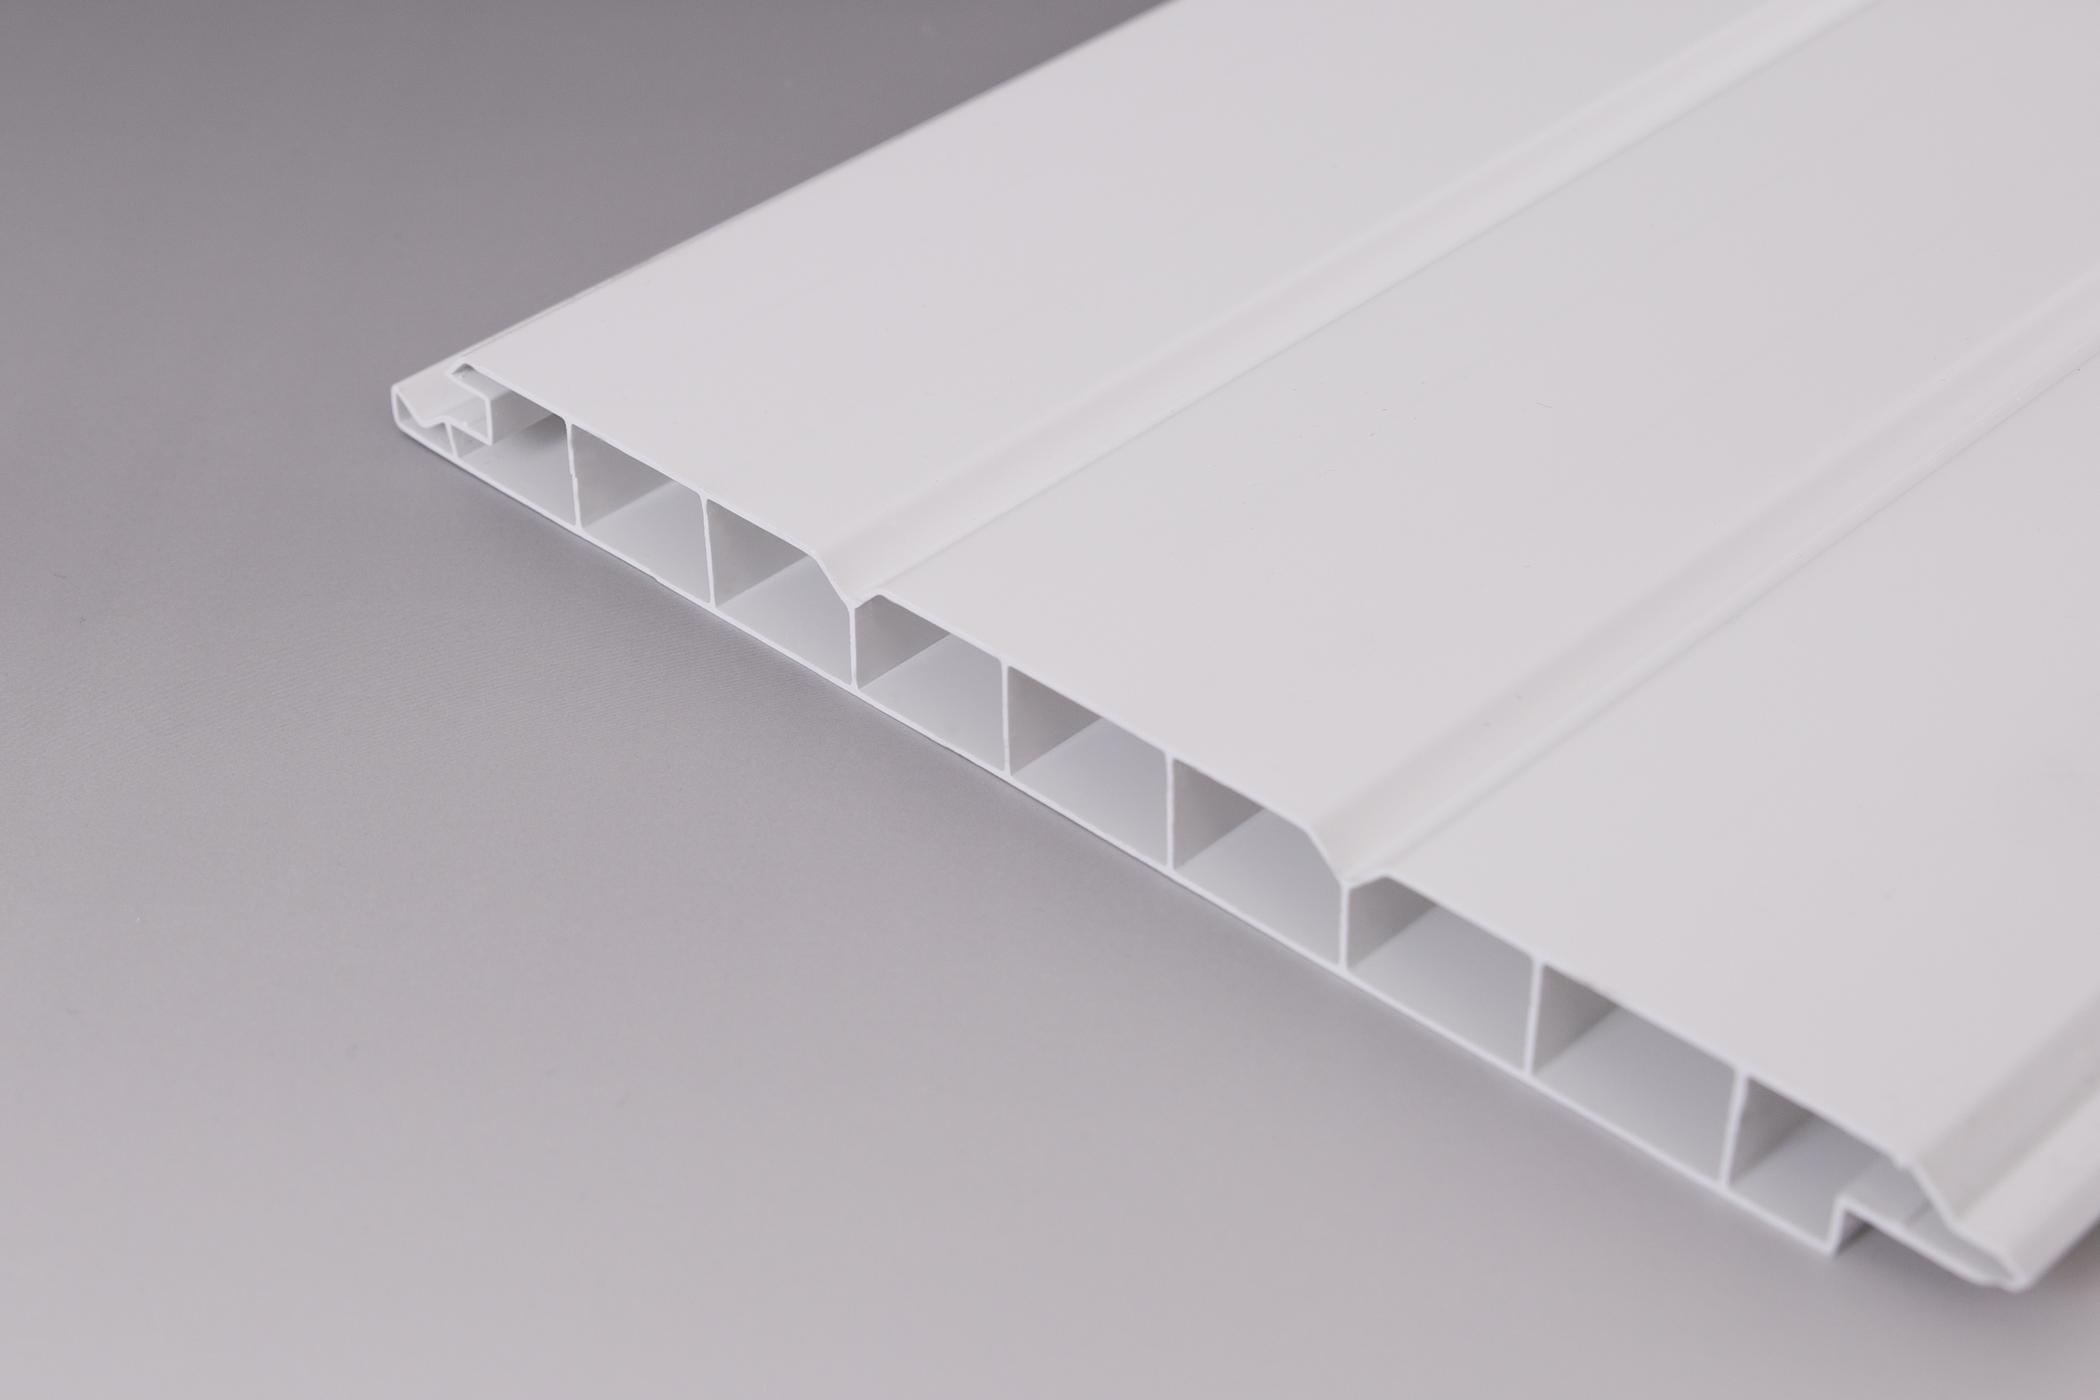 pvc wand und deckenpaneele wei 200 mm z une sichtschutzelemente im onlineshop. Black Bedroom Furniture Sets. Home Design Ideas